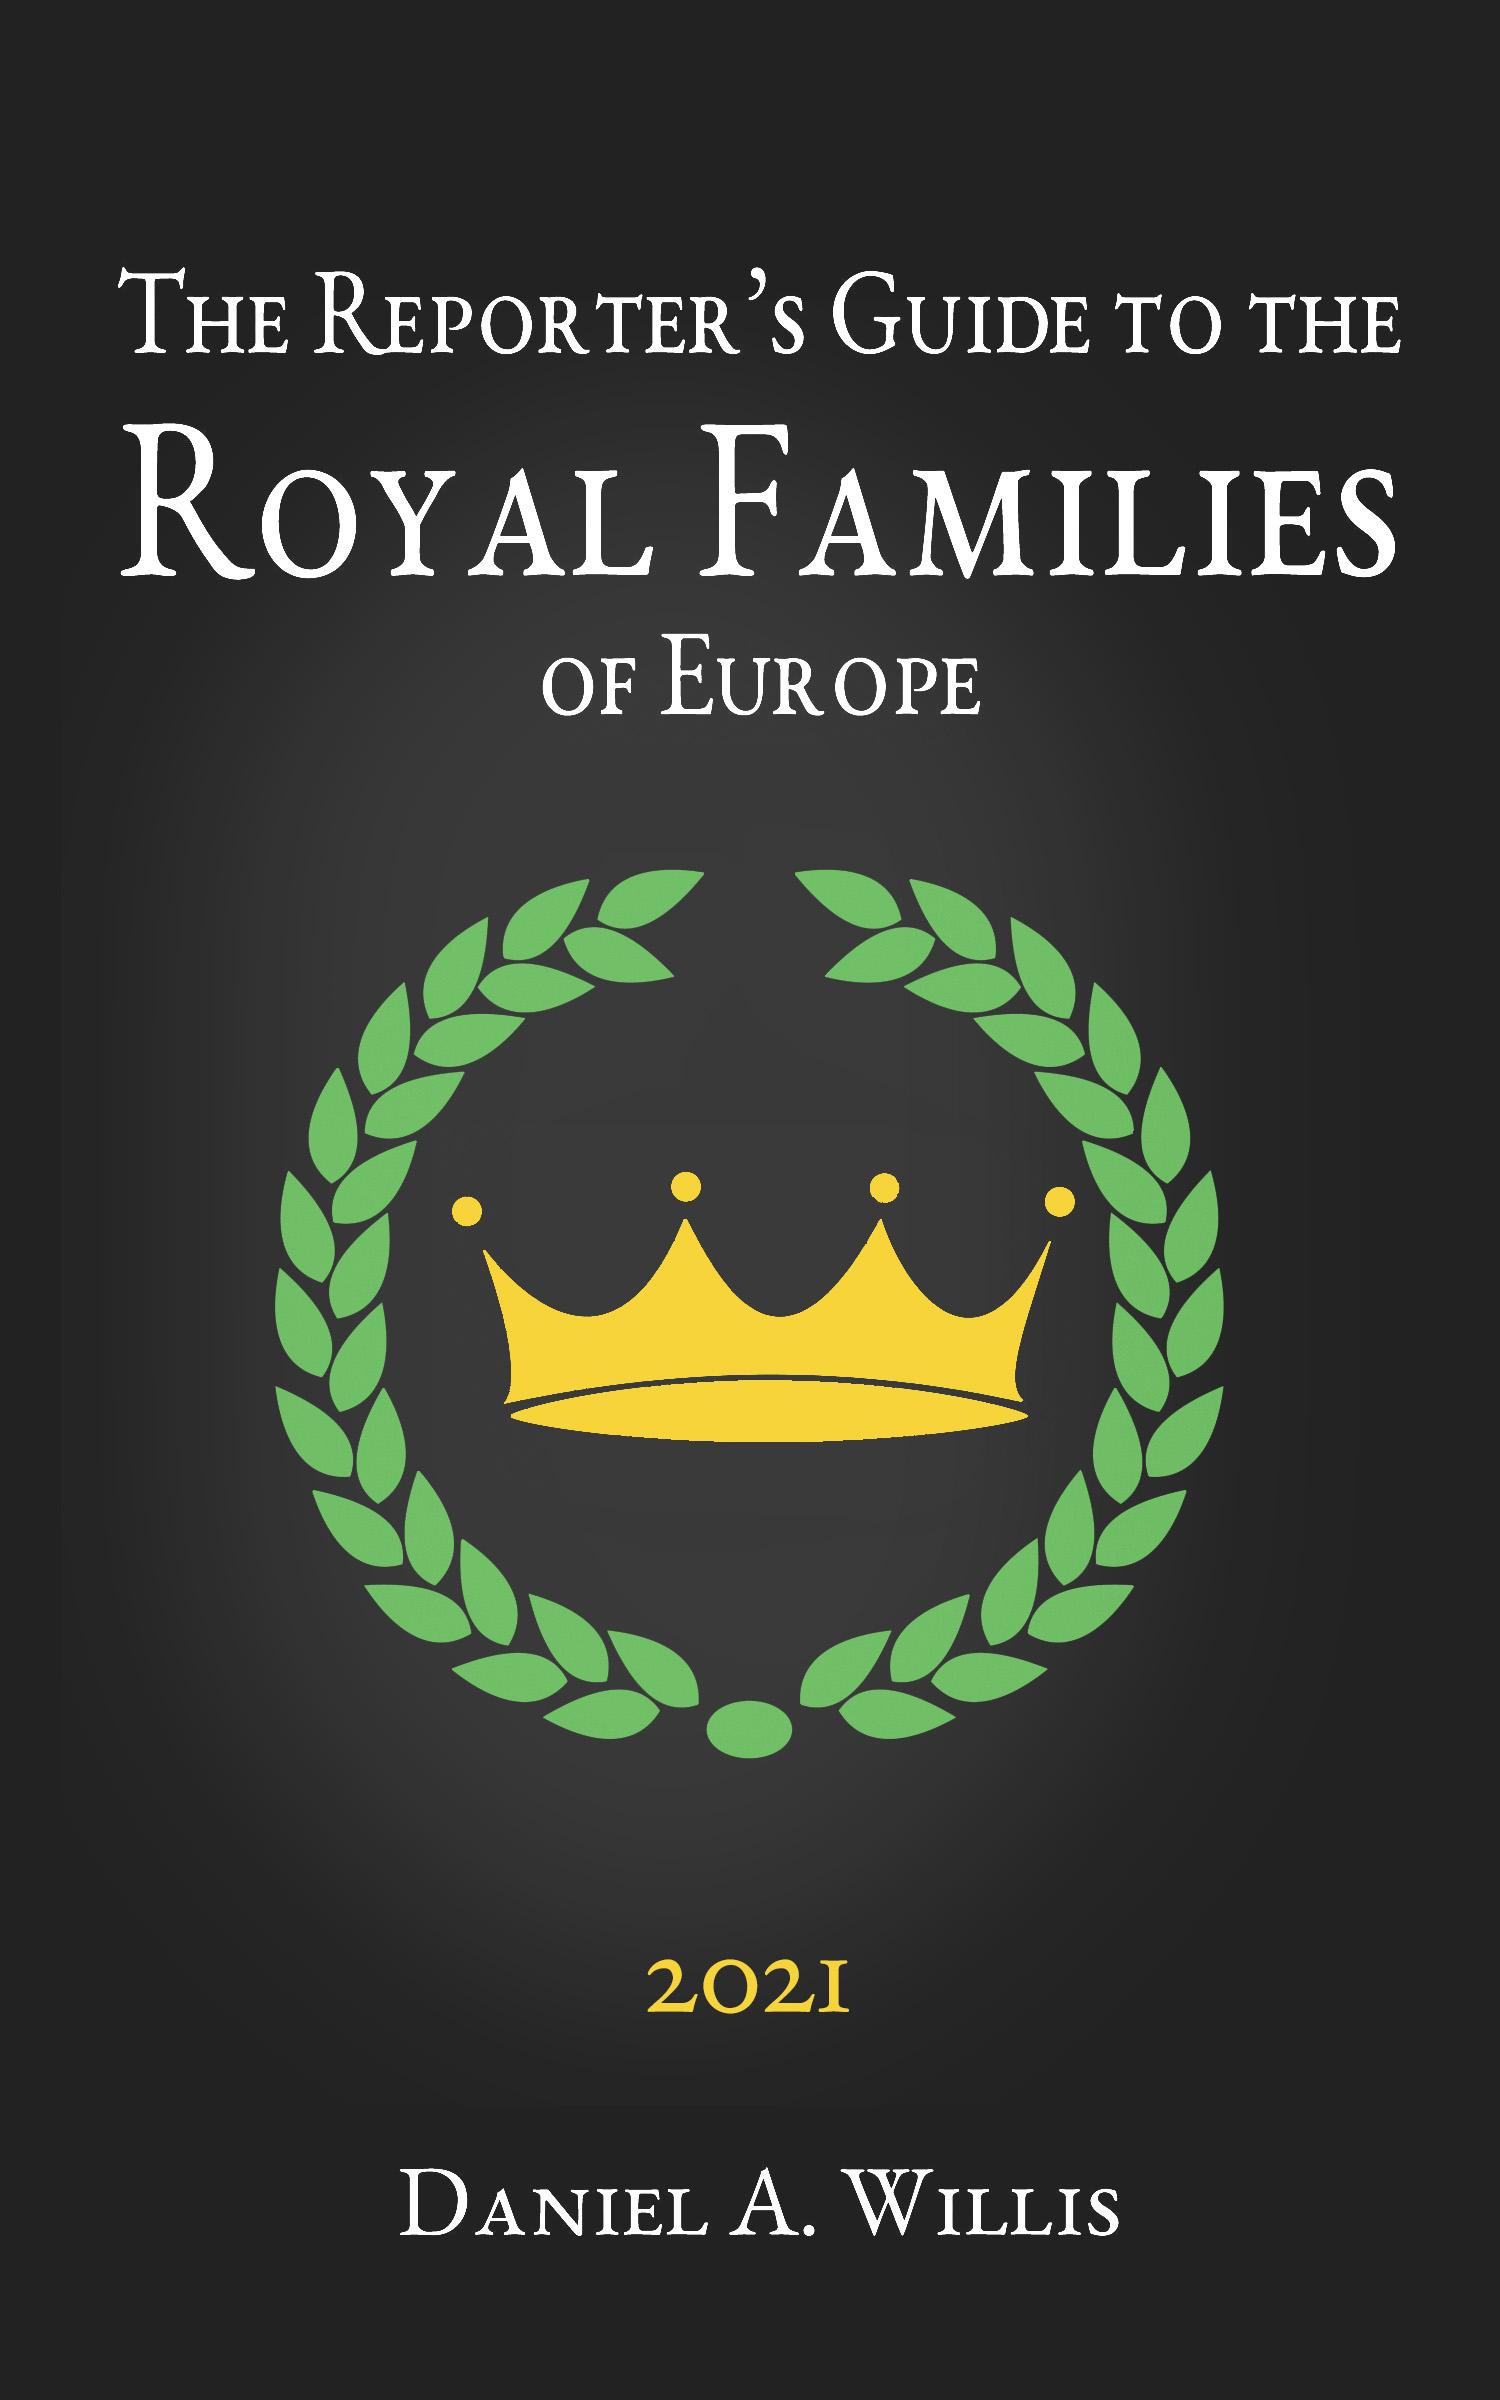 RoyaltyGuide_2021 (1)